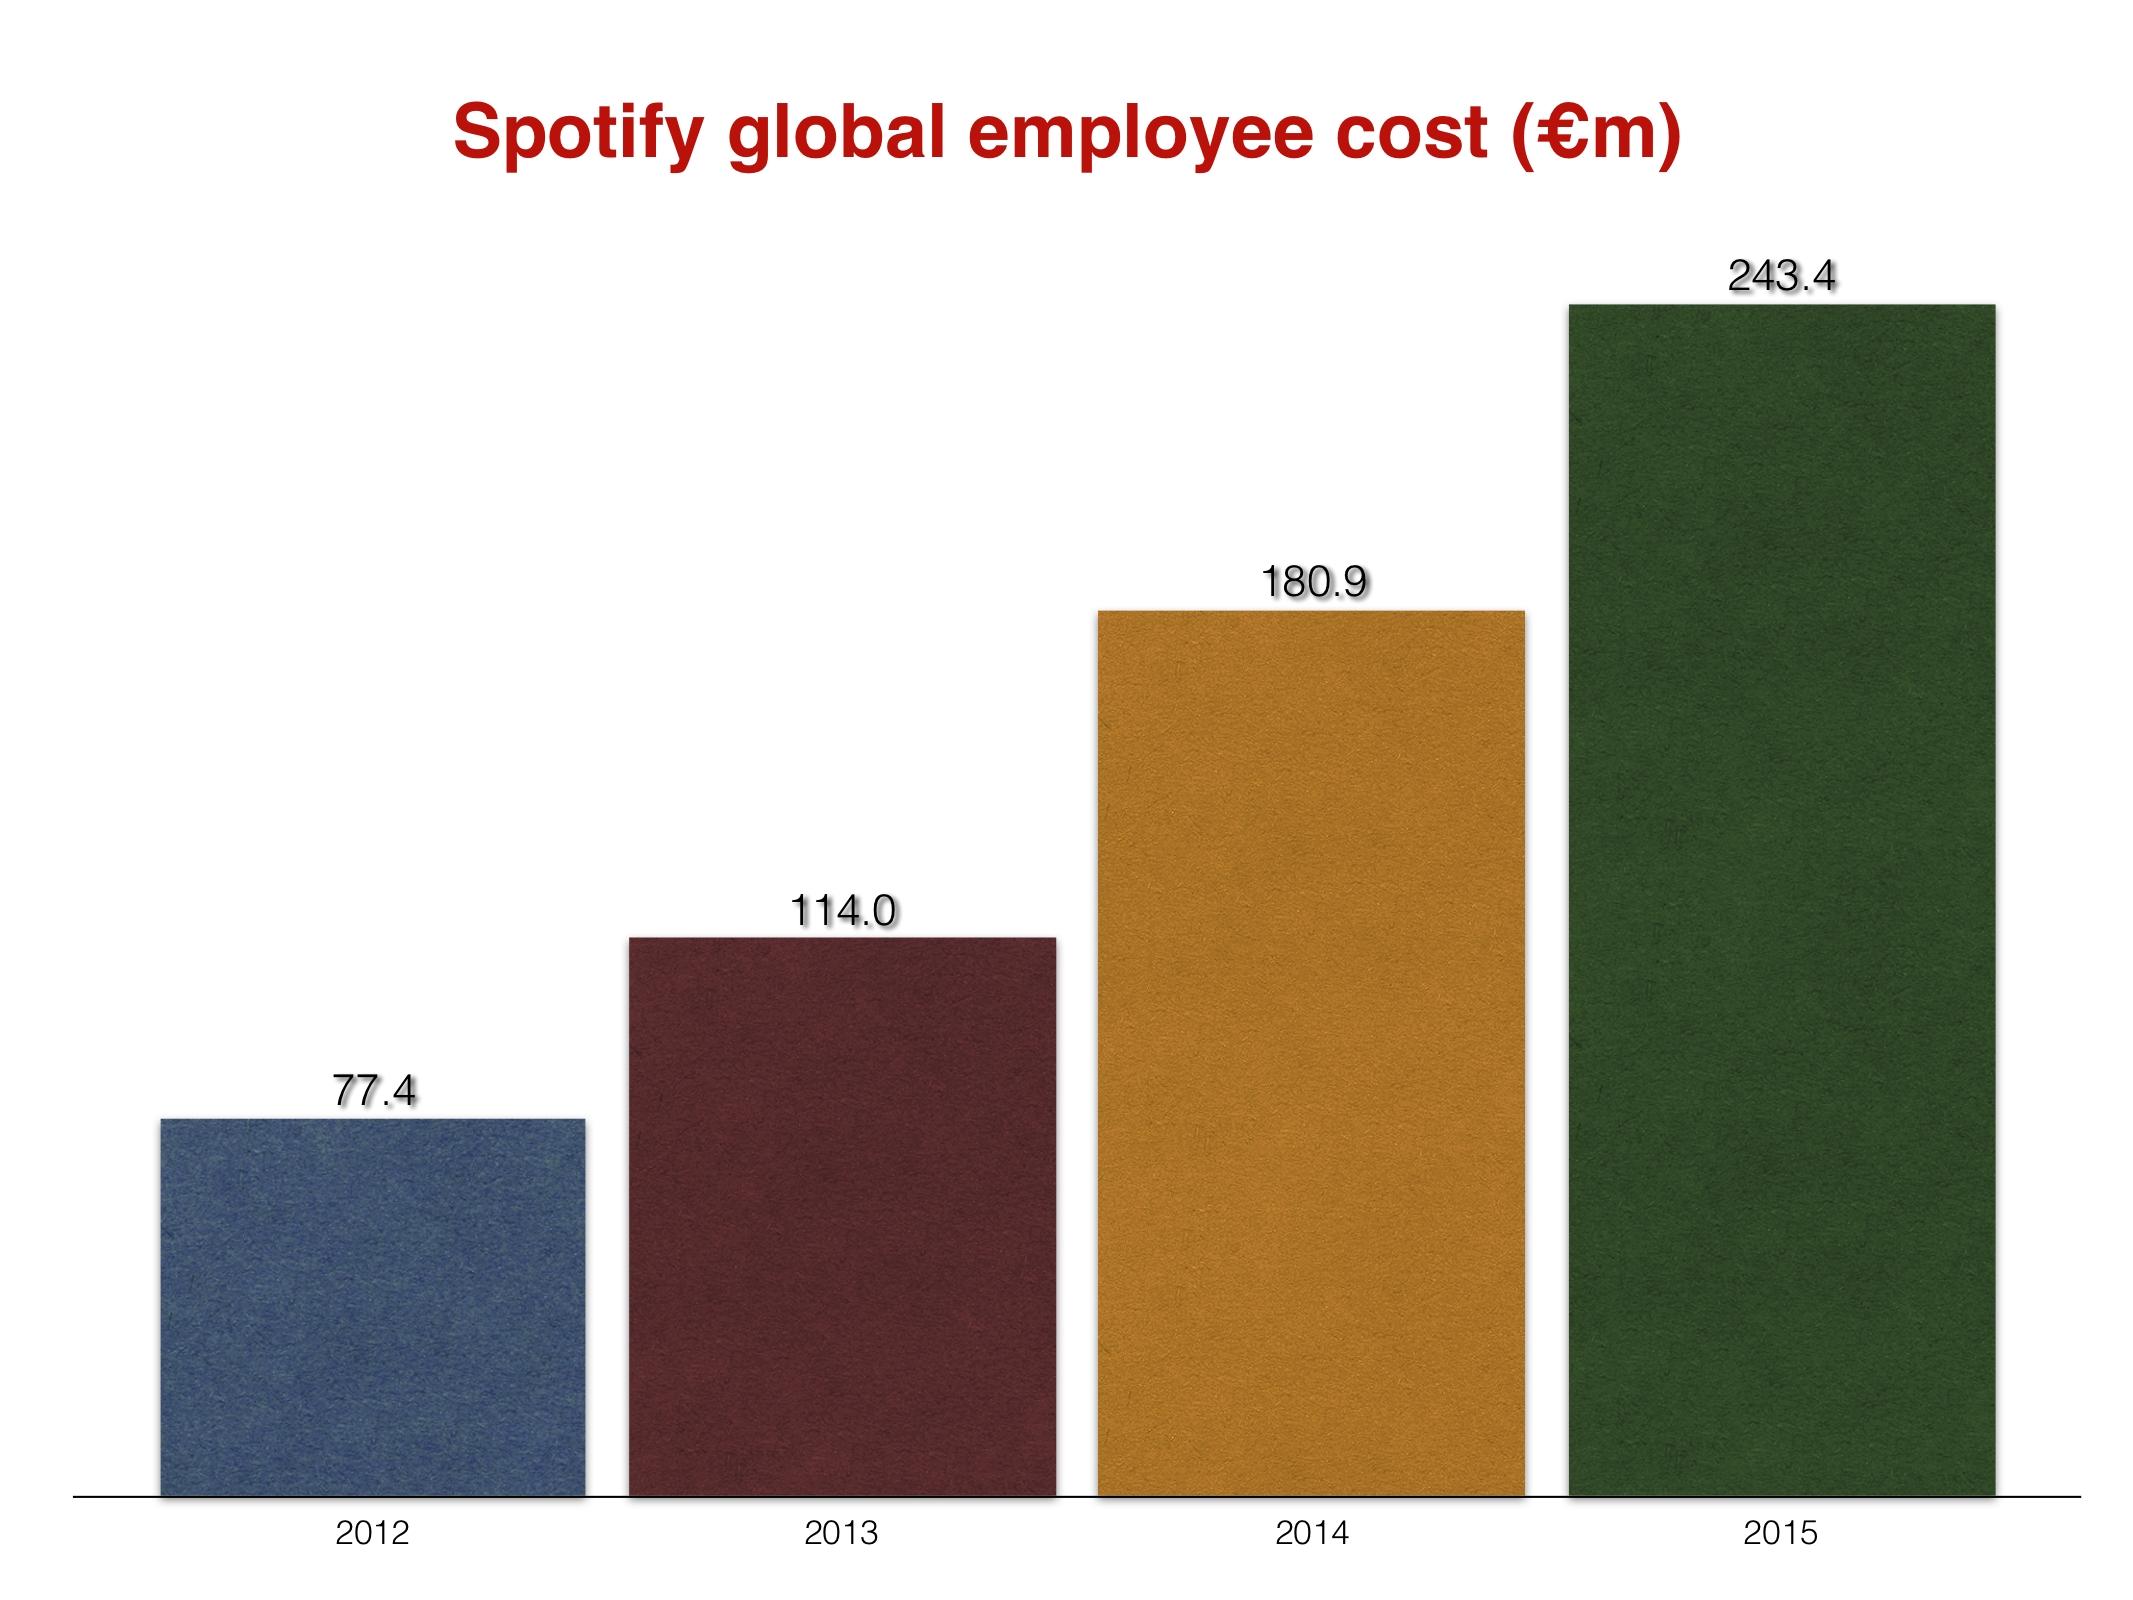 Spotifyemployeecost